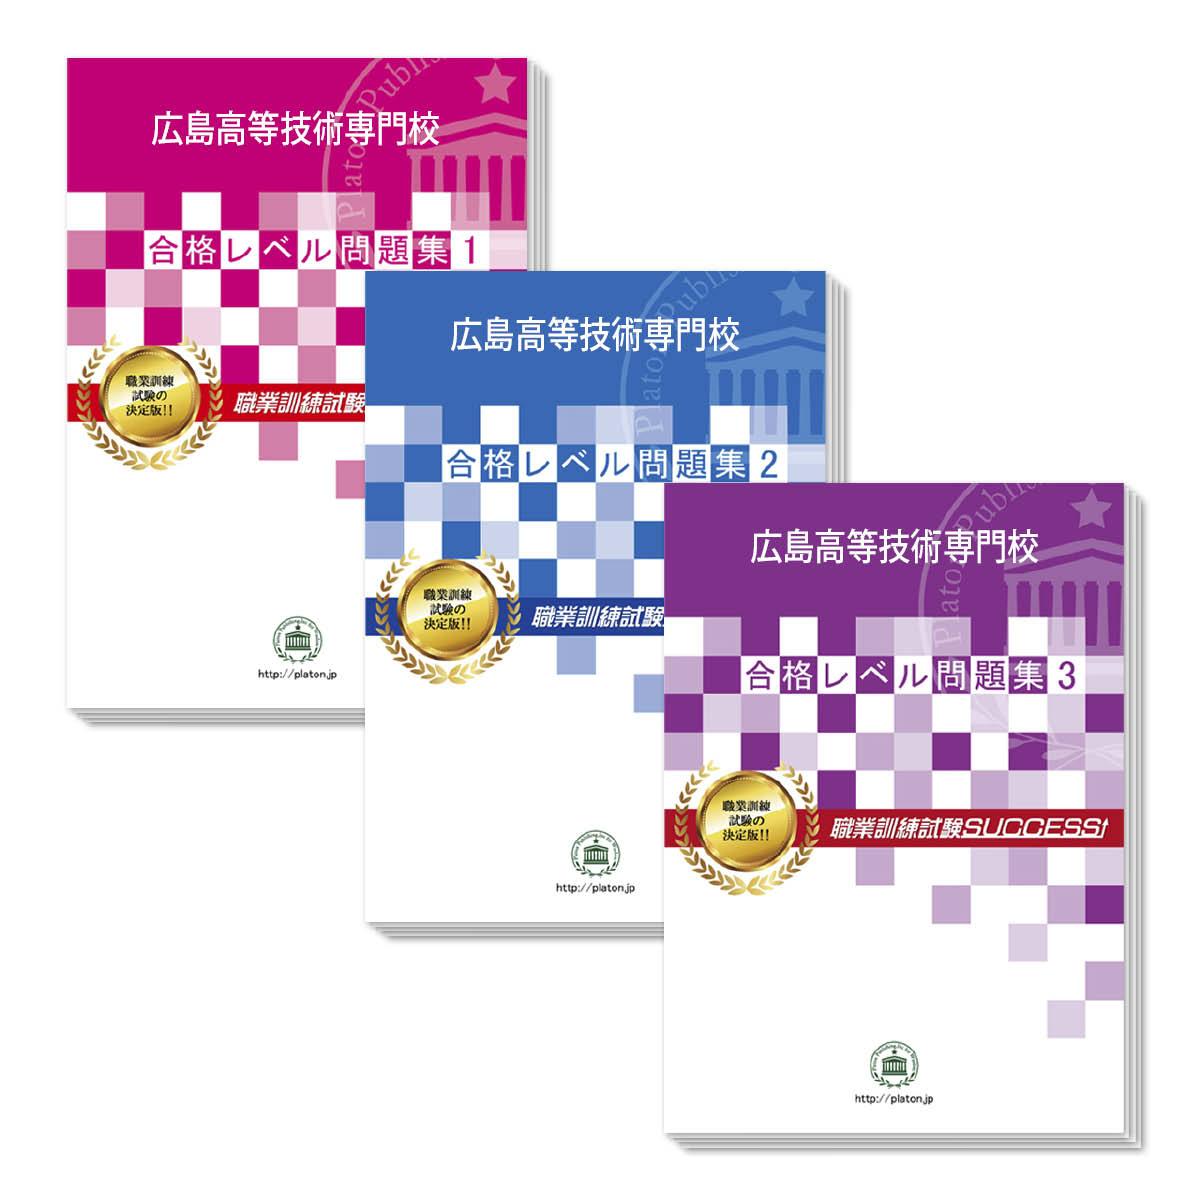 お得セット 送料 新色追加して再販 代引手数料無料 広島高等技術専門校 3冊 受験合格セット問題集